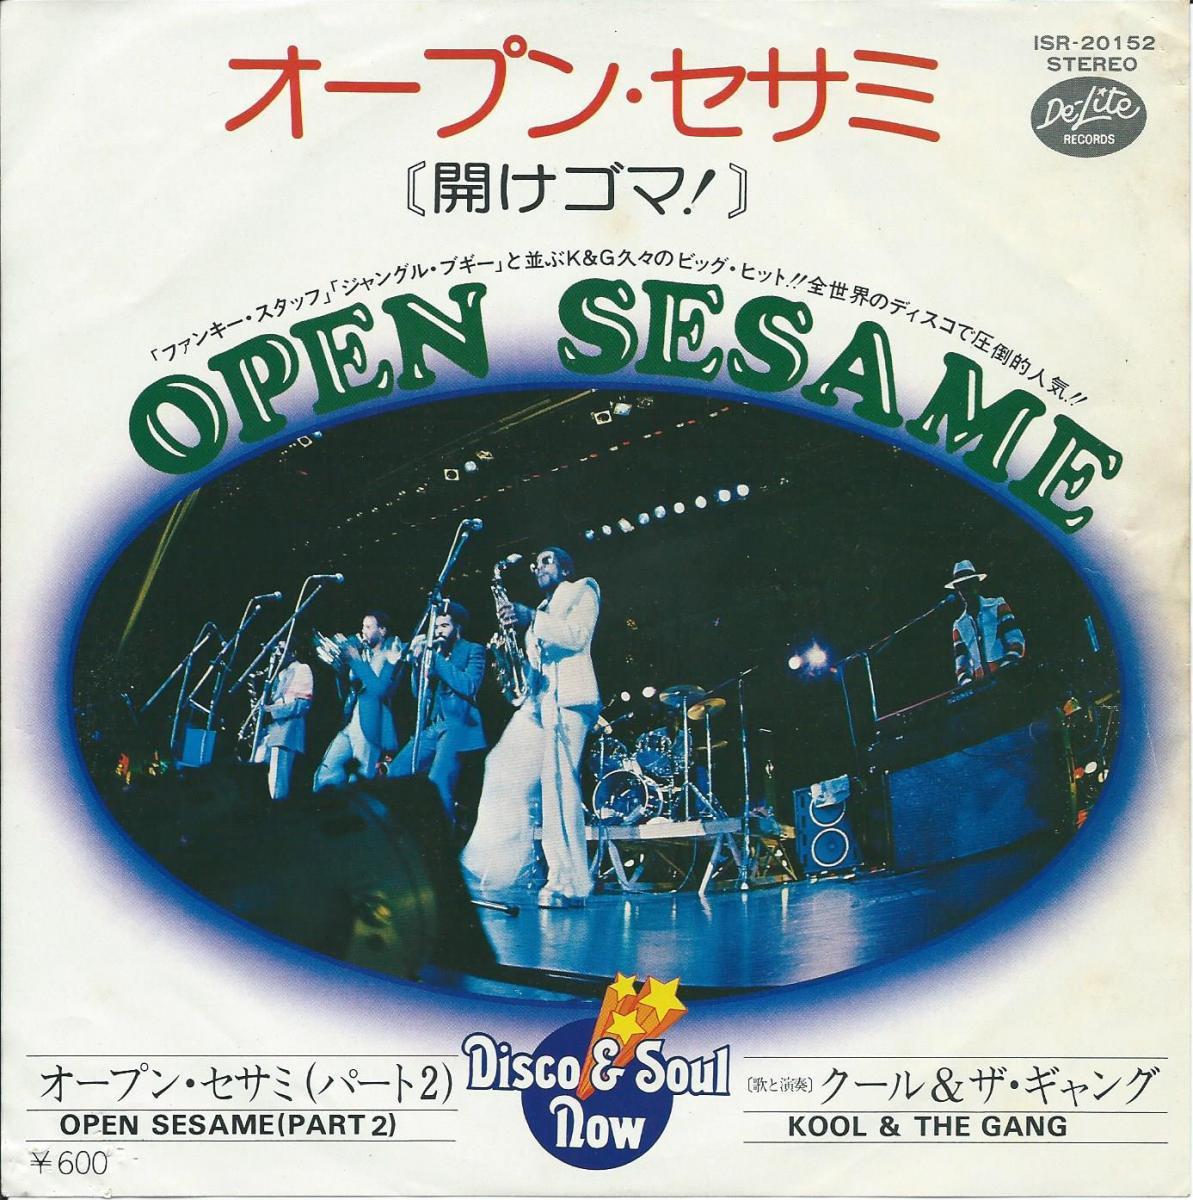 クール & ザ・ギャング KOOL & THE GANG / オープン・セサミ (開けゴマ!) OPEN SESAME-PART 1(7